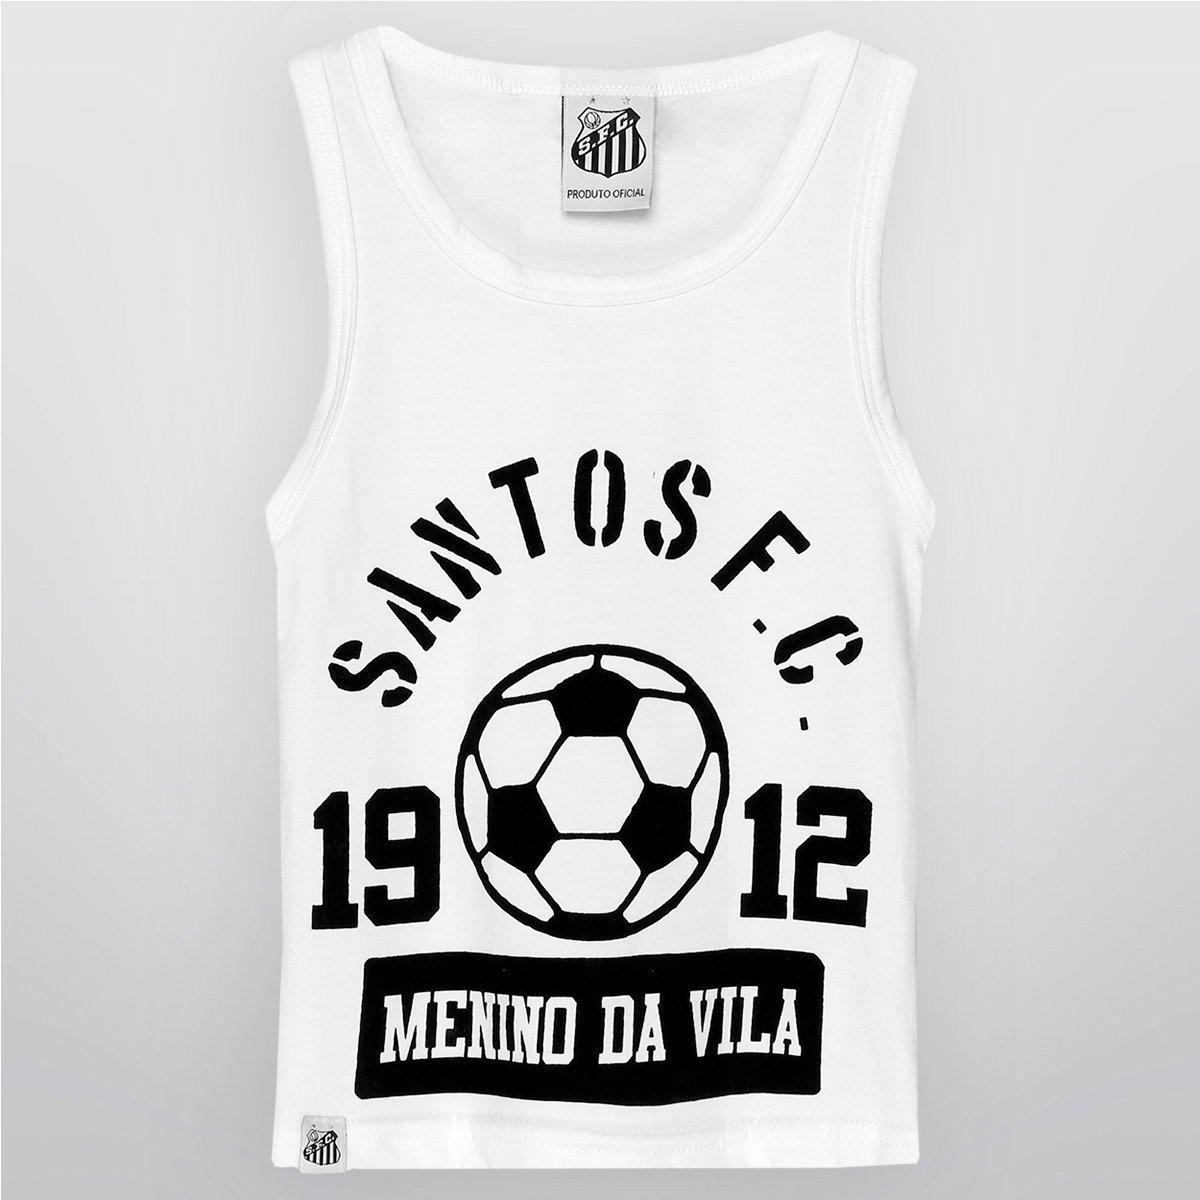 Camiseta Regata Santos Menino Da Vila Infantil - Compre Agora  5f1fbbecbd4